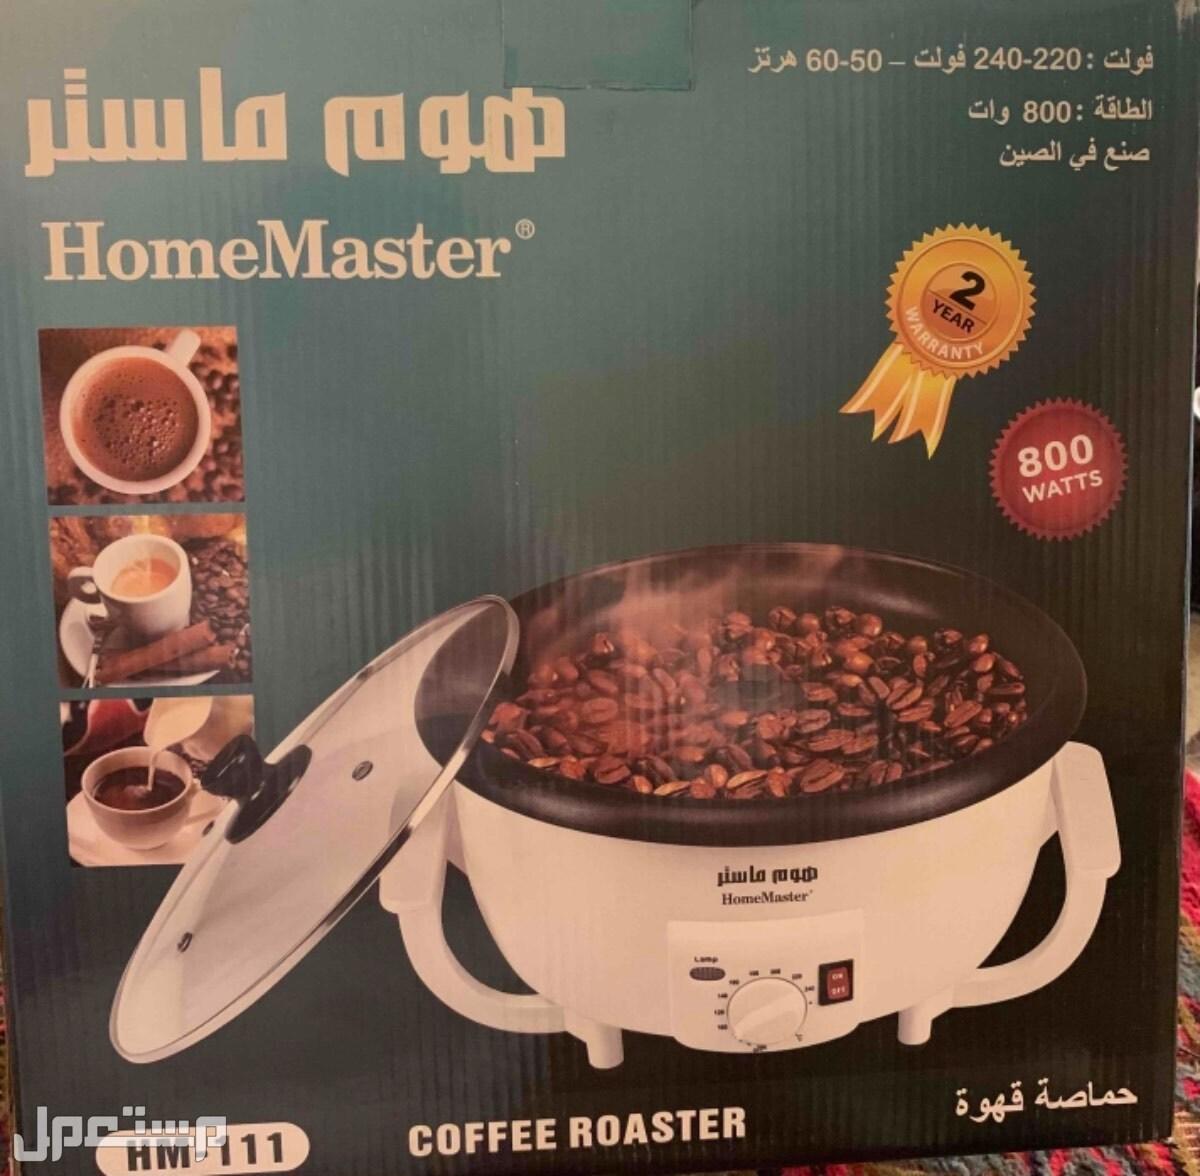 للبيع حماصة قهوة هو ماستر